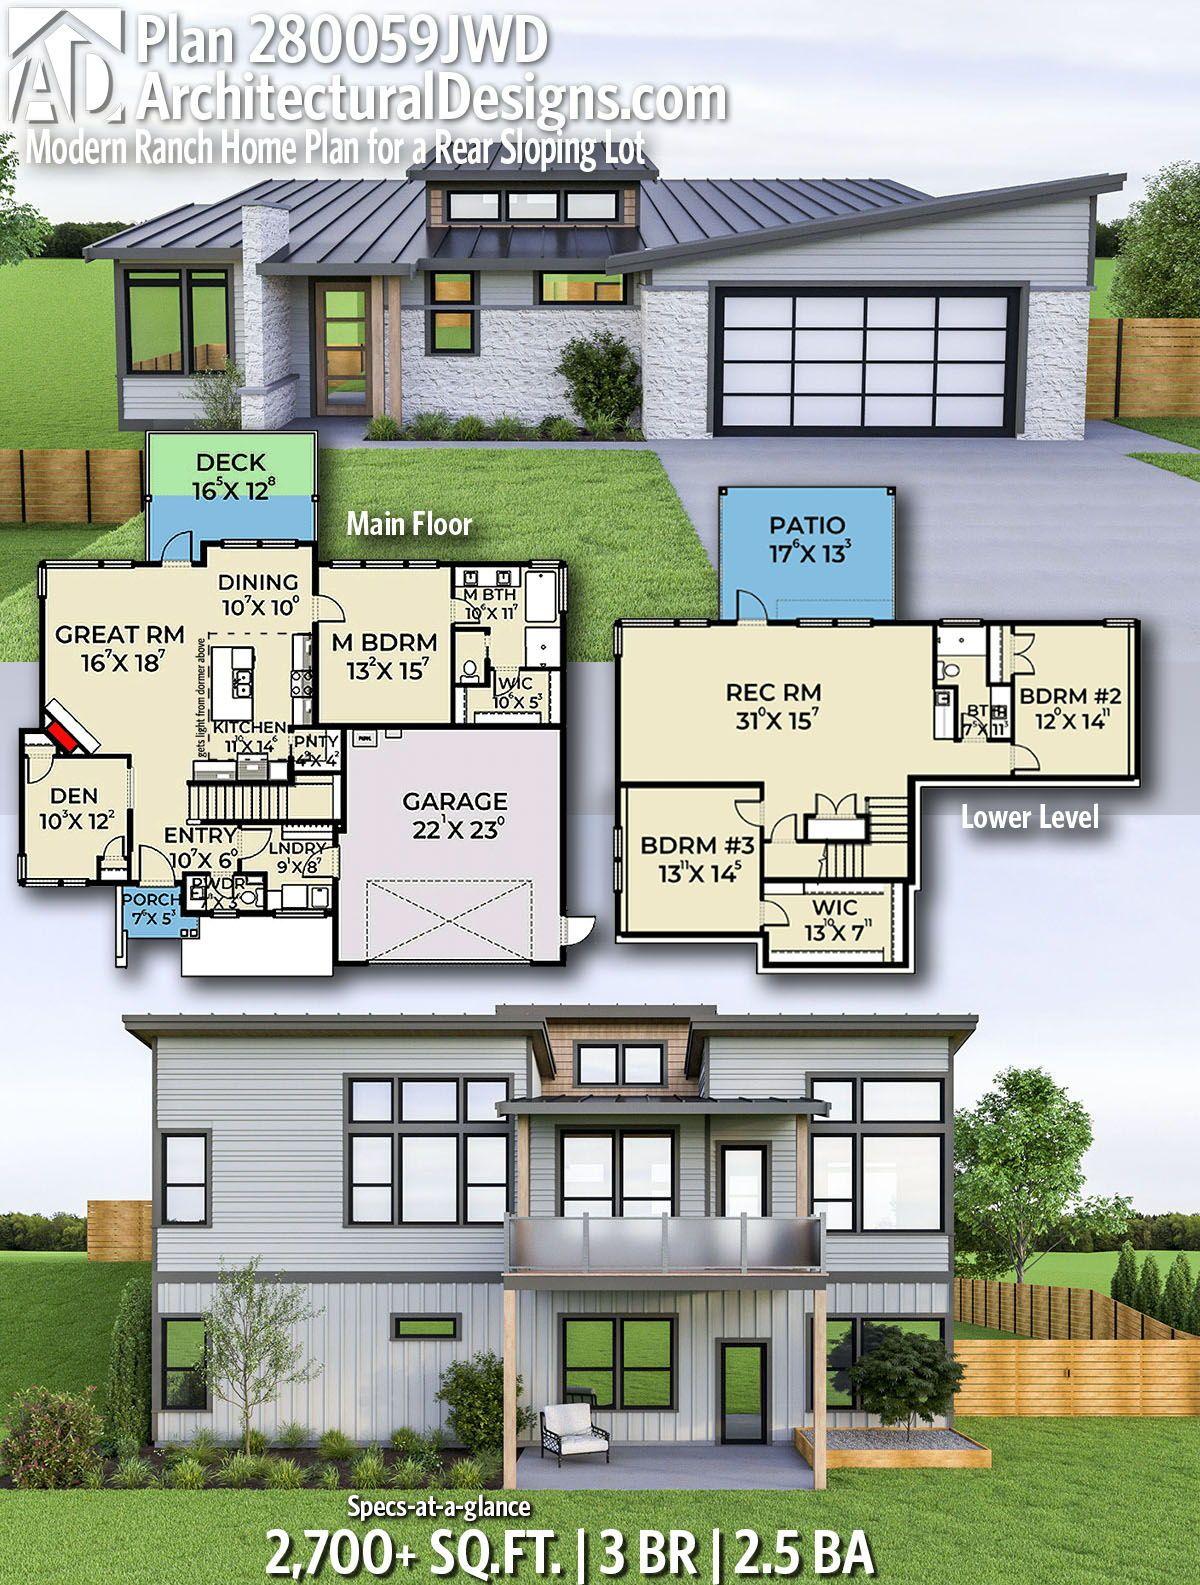 Plan 280059jwd Modern Ranch Home Plan For A Rear Sloping Lot Ranch House Plans House Plans Modern Ranch